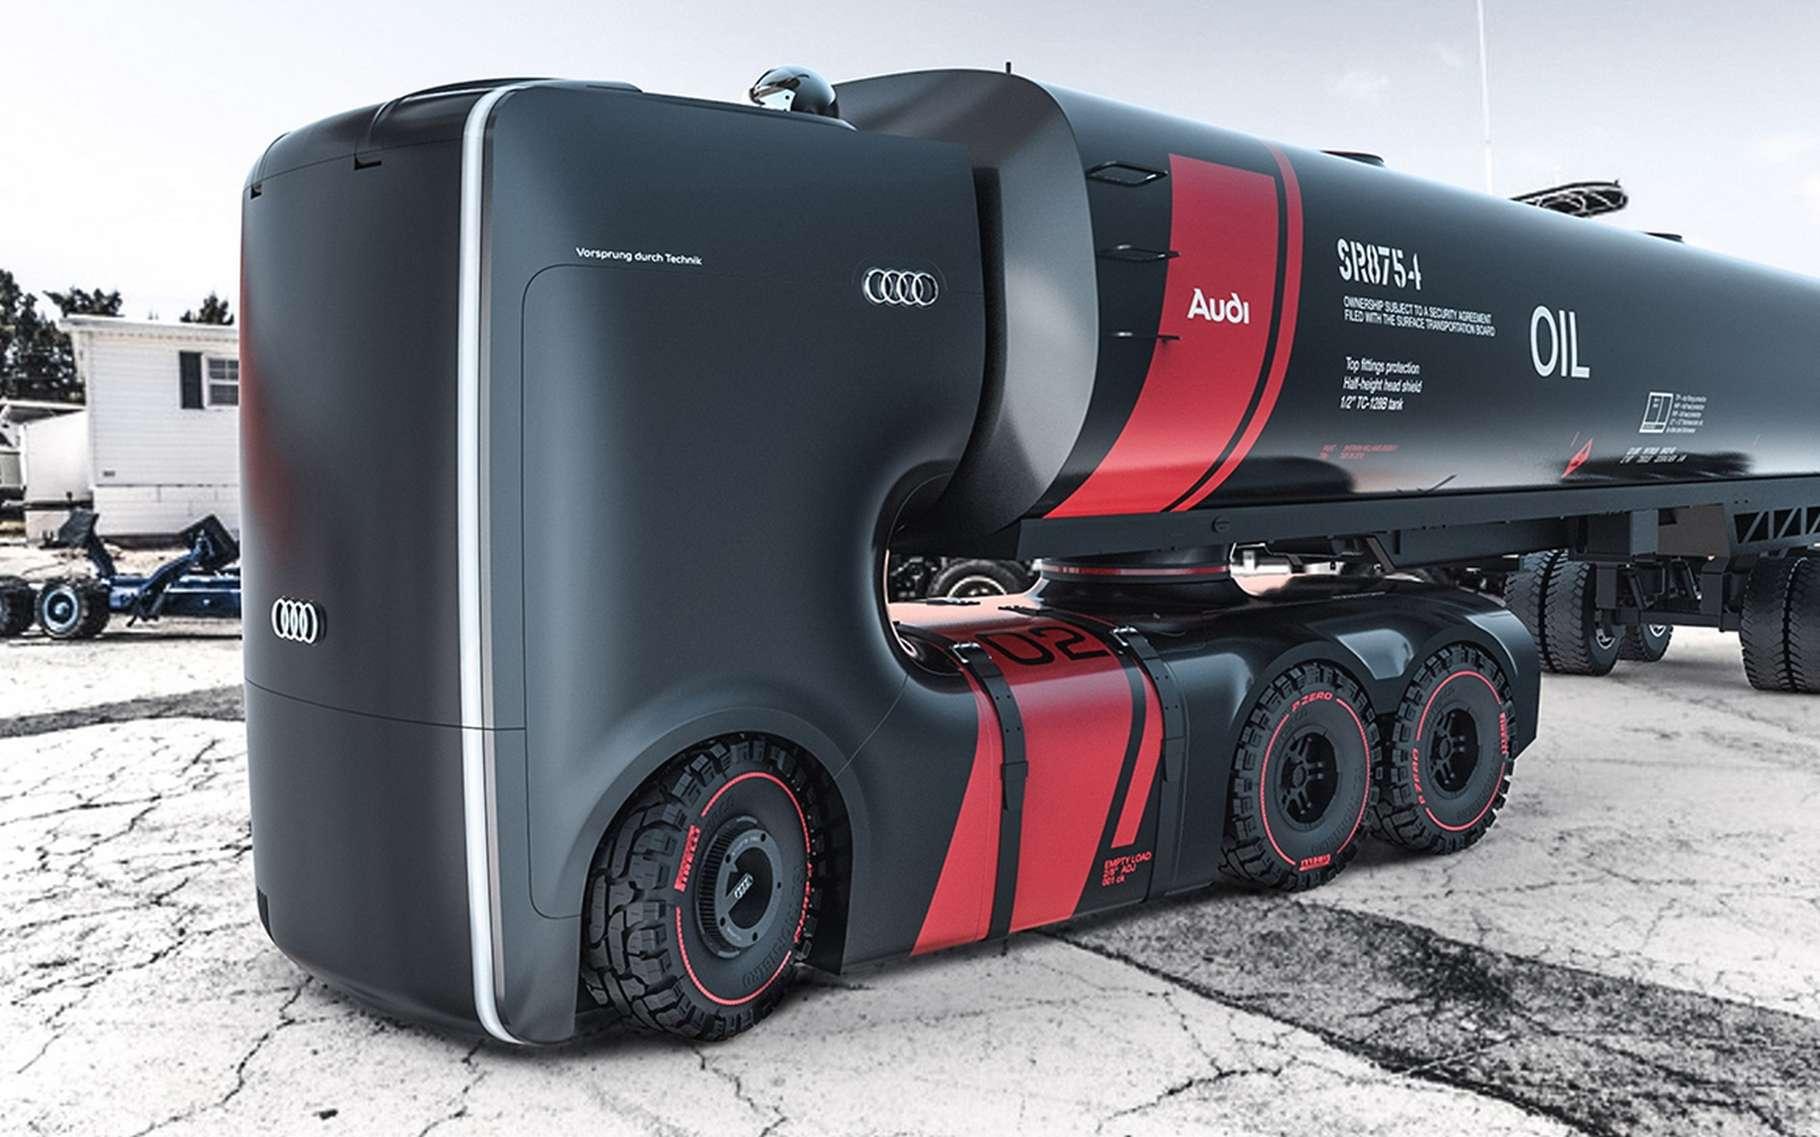 Ce camion Audi imaginé par deux designers semble tout droit sorti d'un épisode de Star Wars ! © Artem Smirnov et Vladimir Panchenko